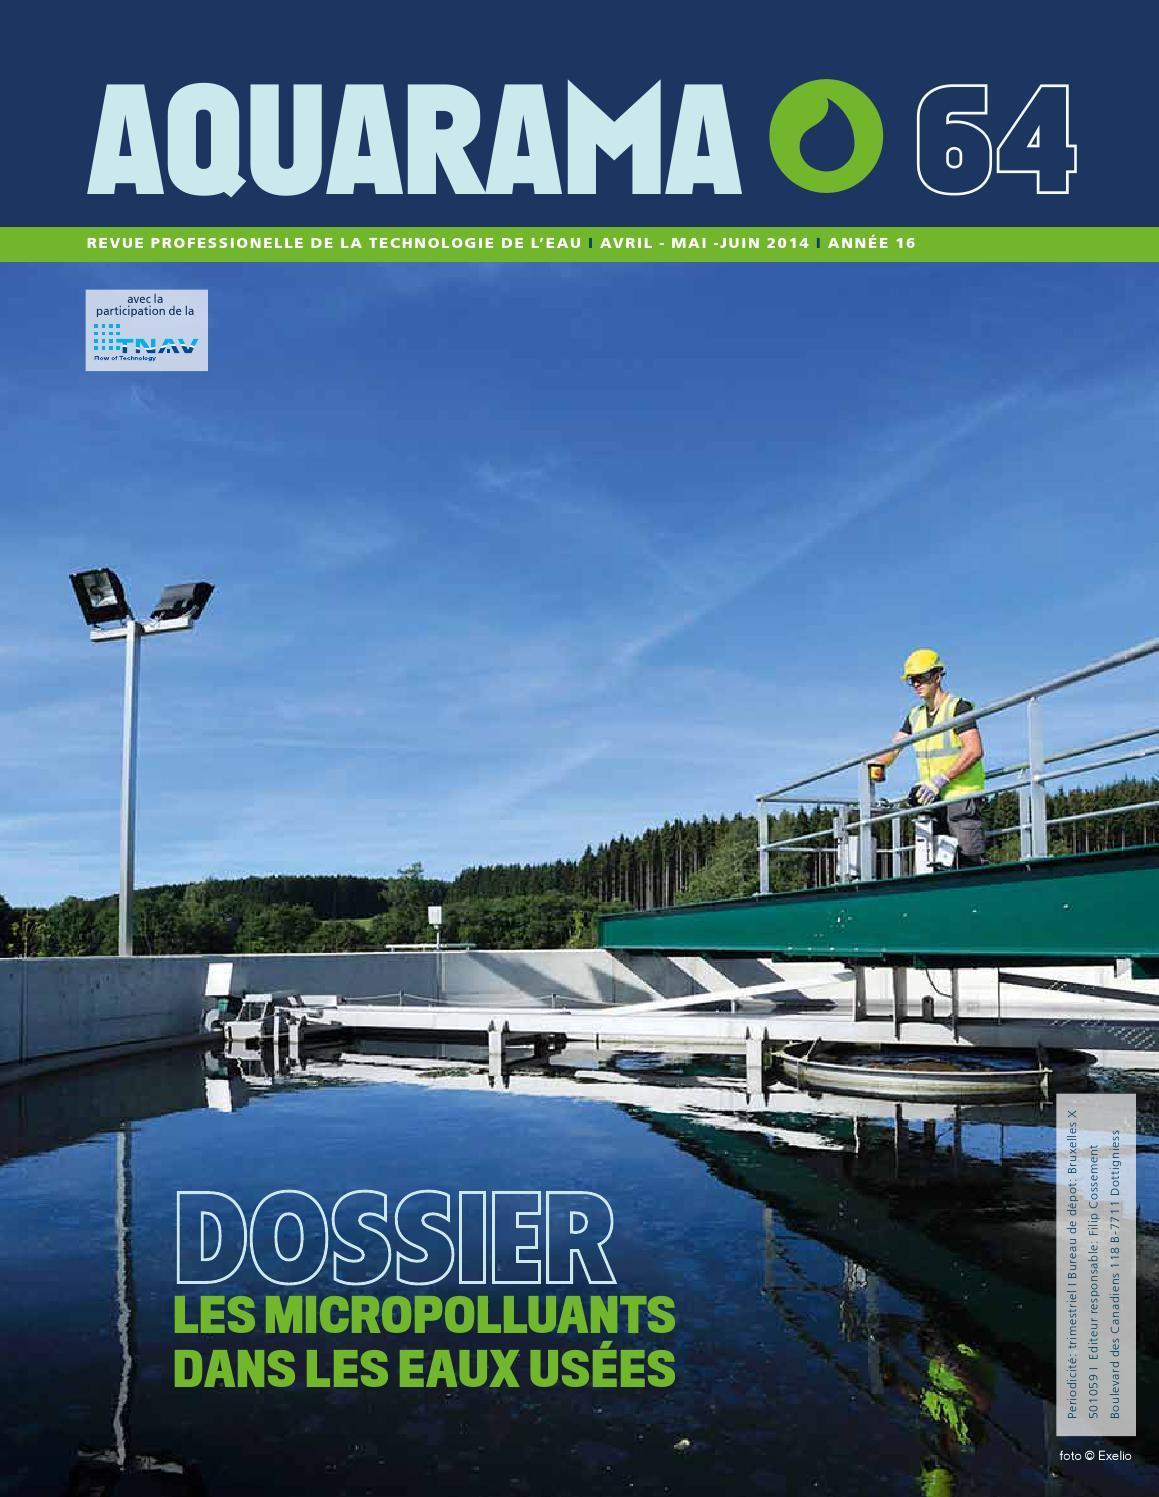 compléments affichage pluie-Eau telemetrie réservoirs tonnes//water level mètre Nouveau